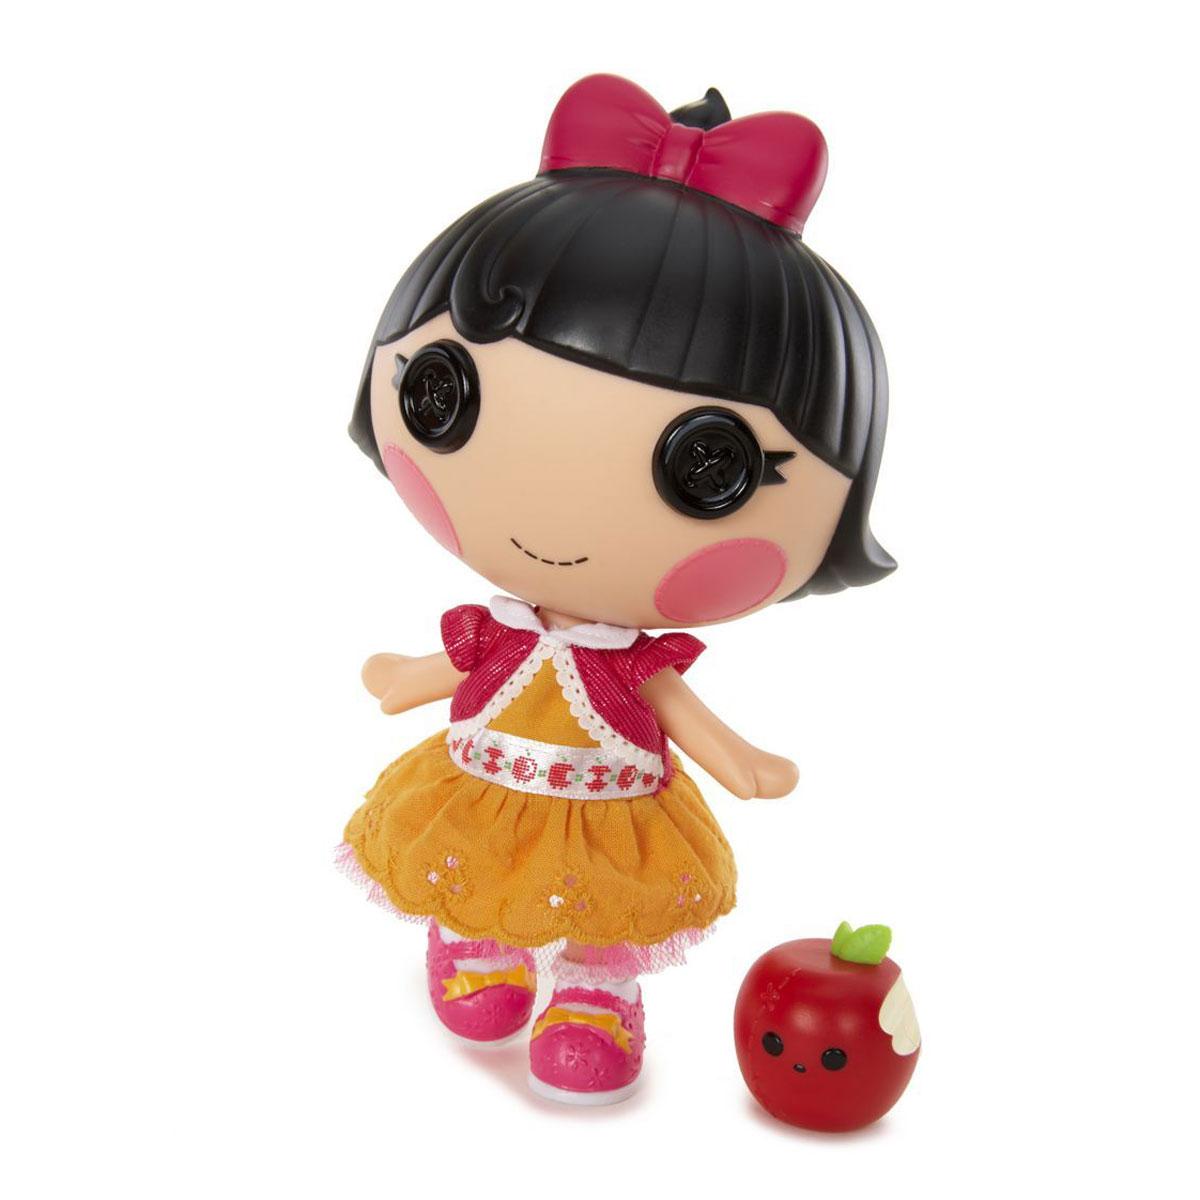 Lalaloopsy Мини-кукла Спящая красавица530374Кукла Lalaloopsy Спящая красавица непременно приведет в восторг вашу малышку и обязательно станет ее любимой игрушкой. Кукла одета в оранжевое платье с кружевной оборкой и розовую кофточку. На голове у куколки розовый бантик. Ручки и ножки у Спящей красавицы подвижны, а голова вращается на 360°. В комплект с куколкой входит ее любимый питомец. Куколка Спящая красавица не расстается со своим питомцем, надкусанным яблочком, даже когда встречается с друзьями! Благодаря играм с куклой, ваша малышка сможет развить фантазию и любознательность, овладеть навыками общения и научиться ответственности. Девочка сможет часами играть с этой милой куколкой, придумывая различные истории.